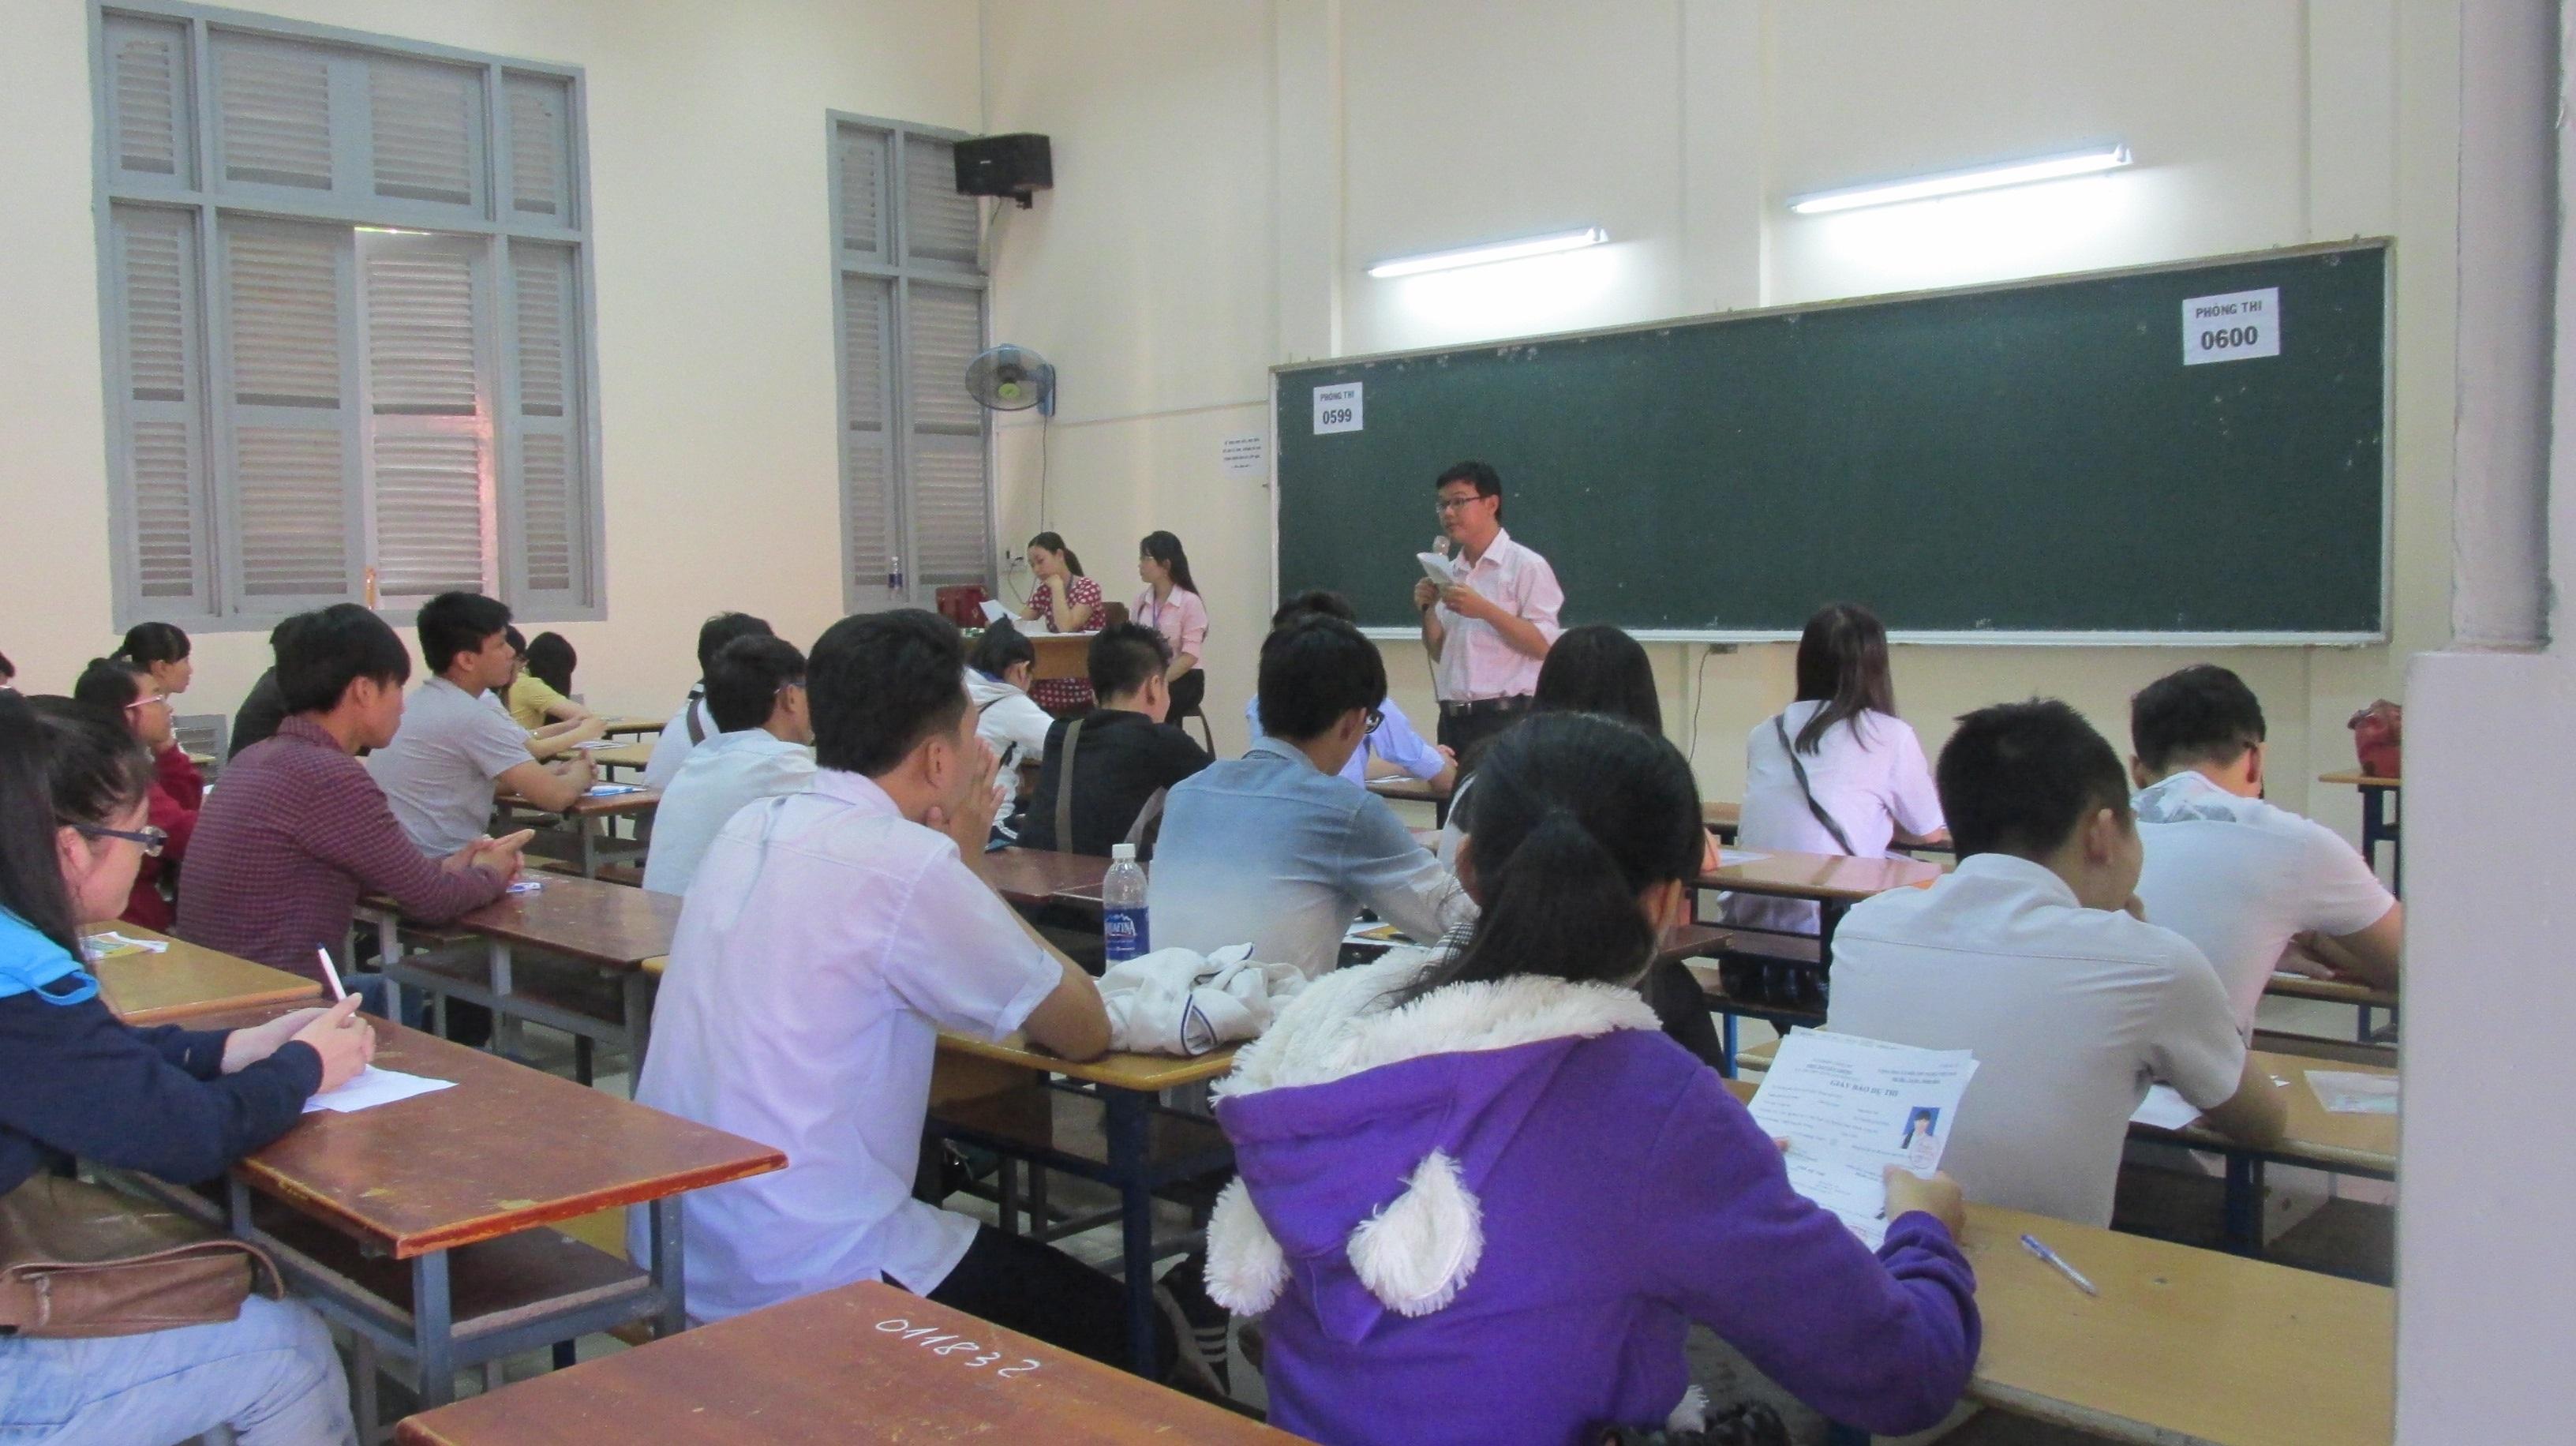 Thí sinh làm thủ tục dự thi tại trường ĐH Sài Gòn (ảnh Lê Phương)